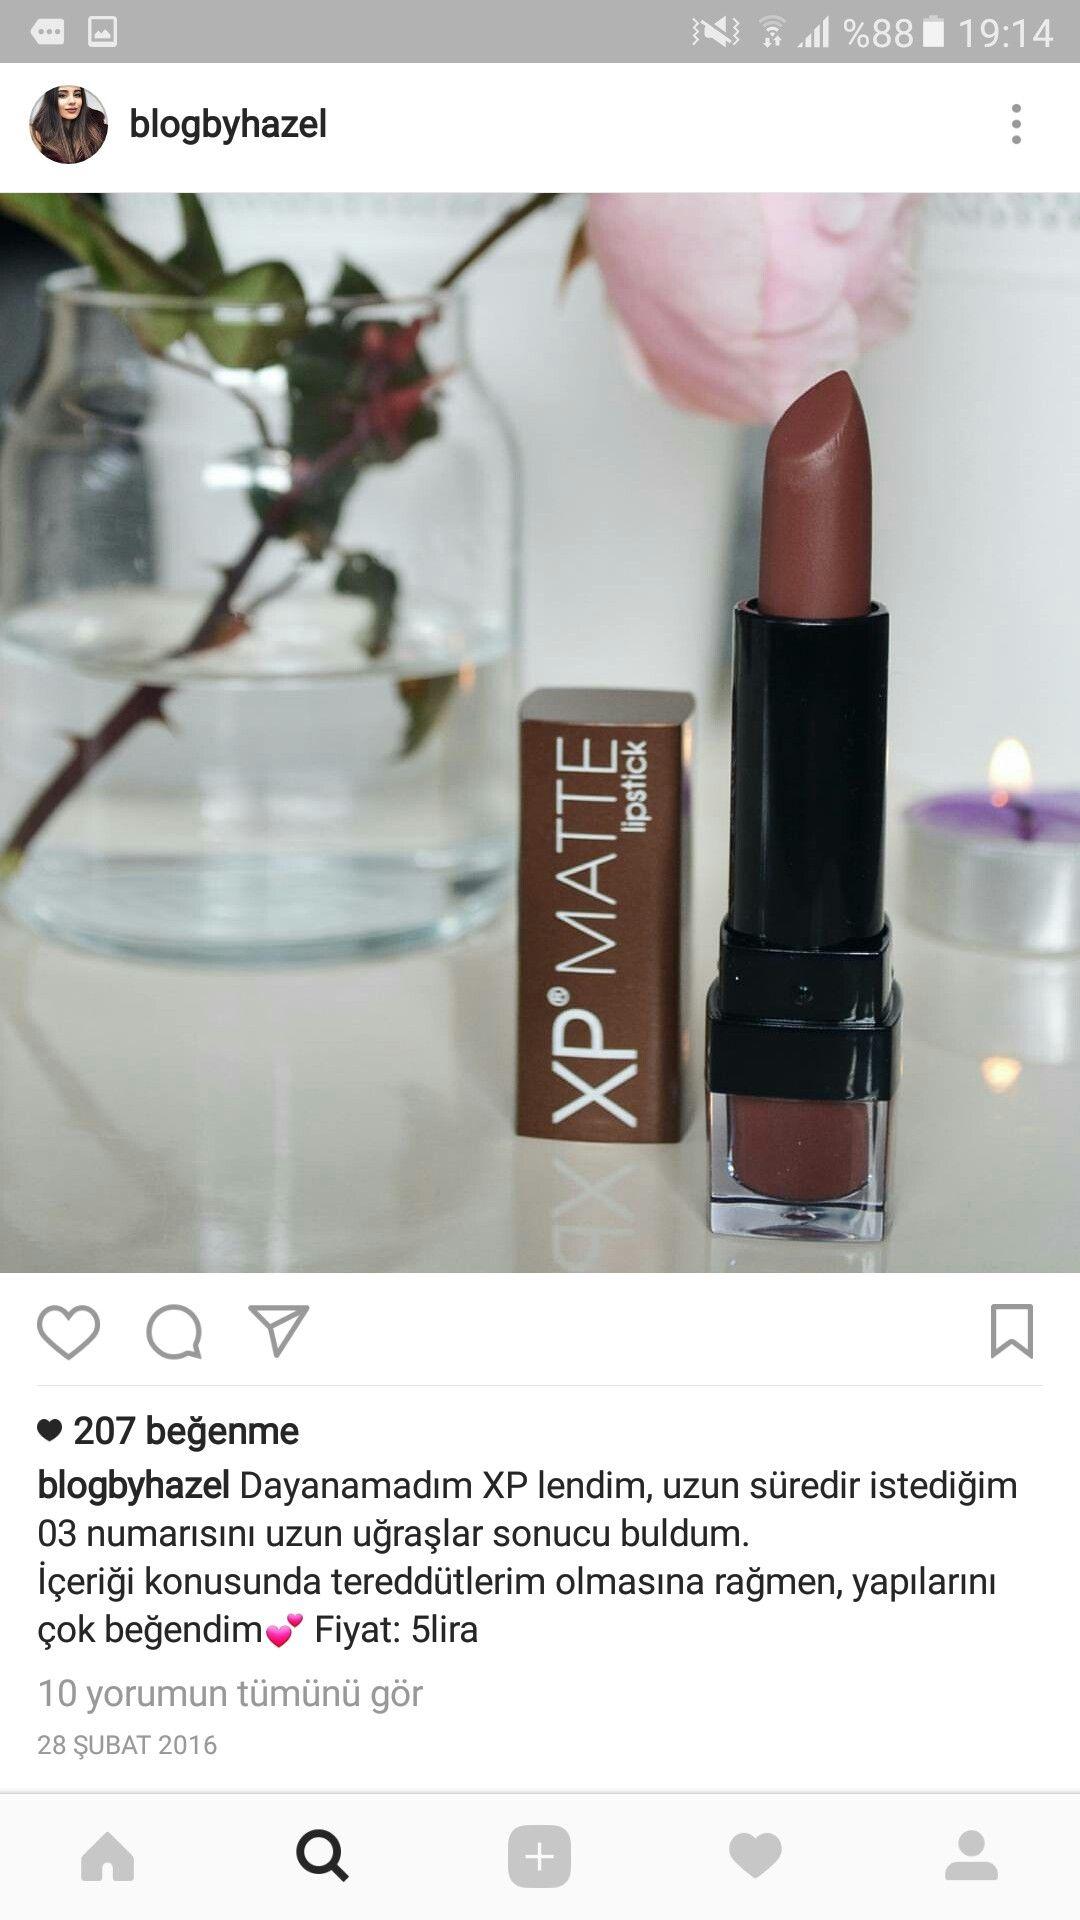 Havva Adlı Kullanıcının Ruj Renkleri Panosundaki Pin Lipstick Ve